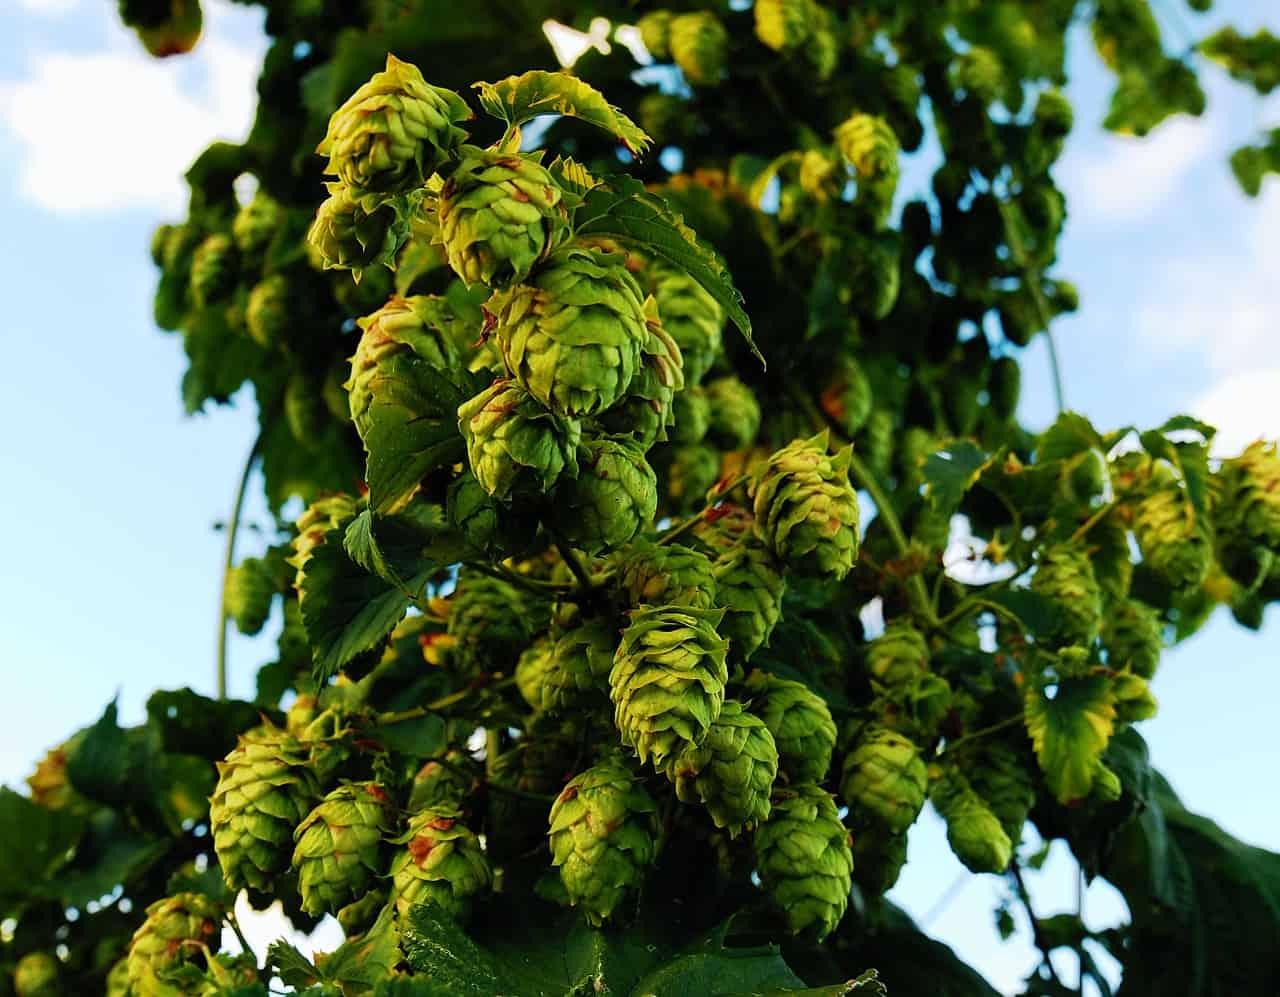 Une plante avec de nombreux cônes de houblon vert.